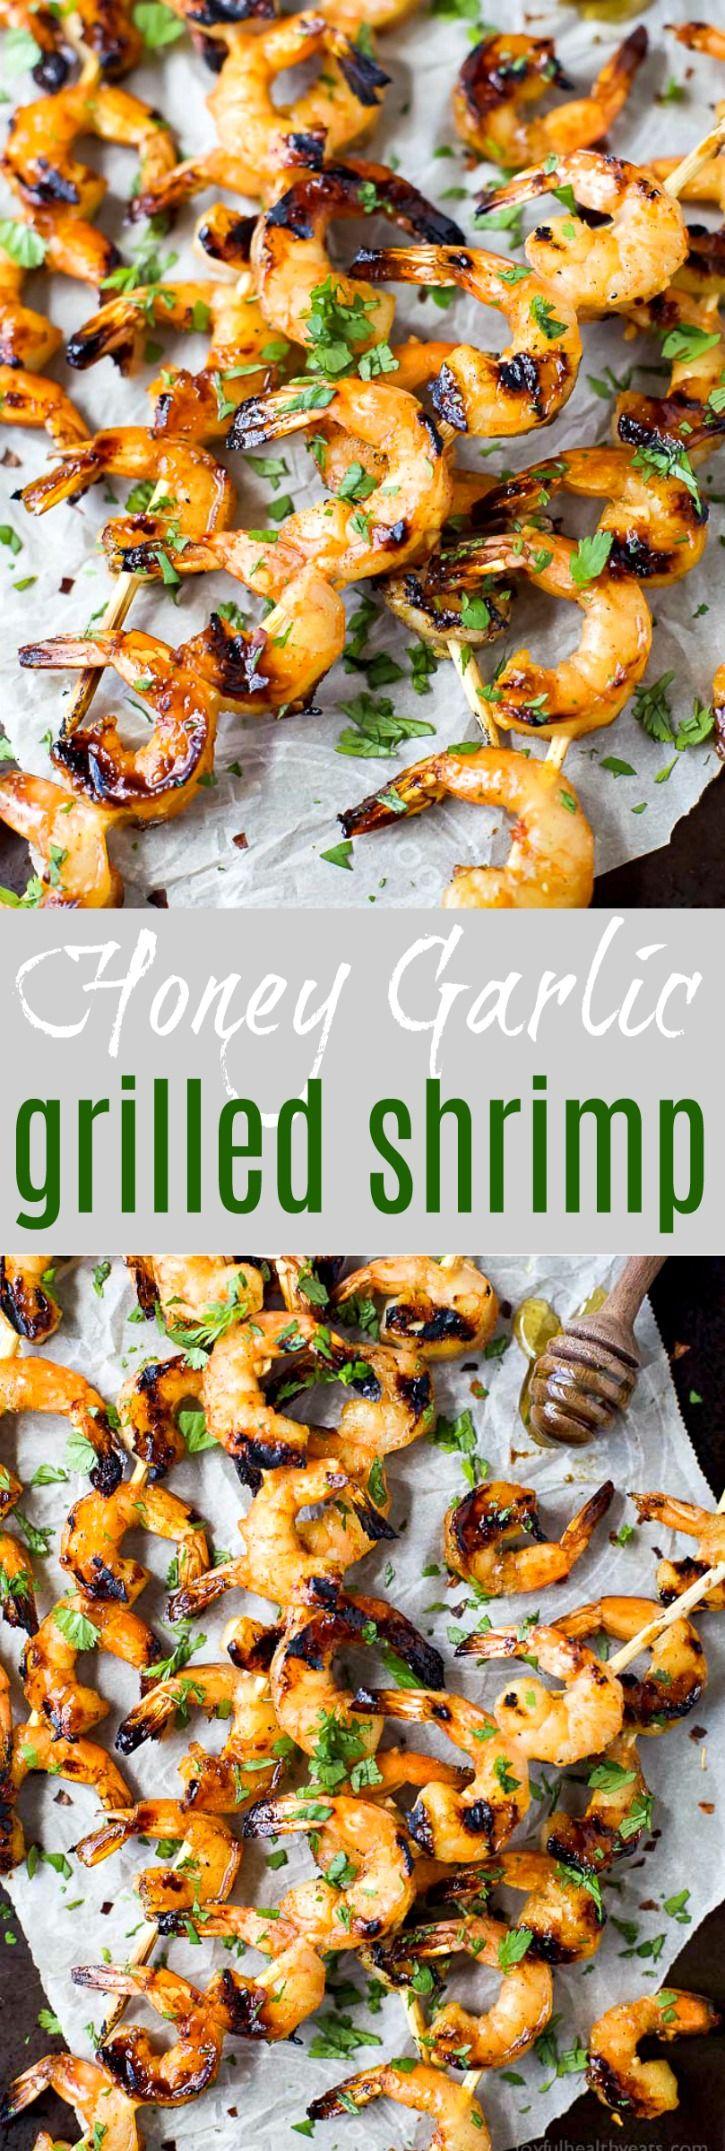 Honey Garlic Grilled Shrimp #grilledshrimp